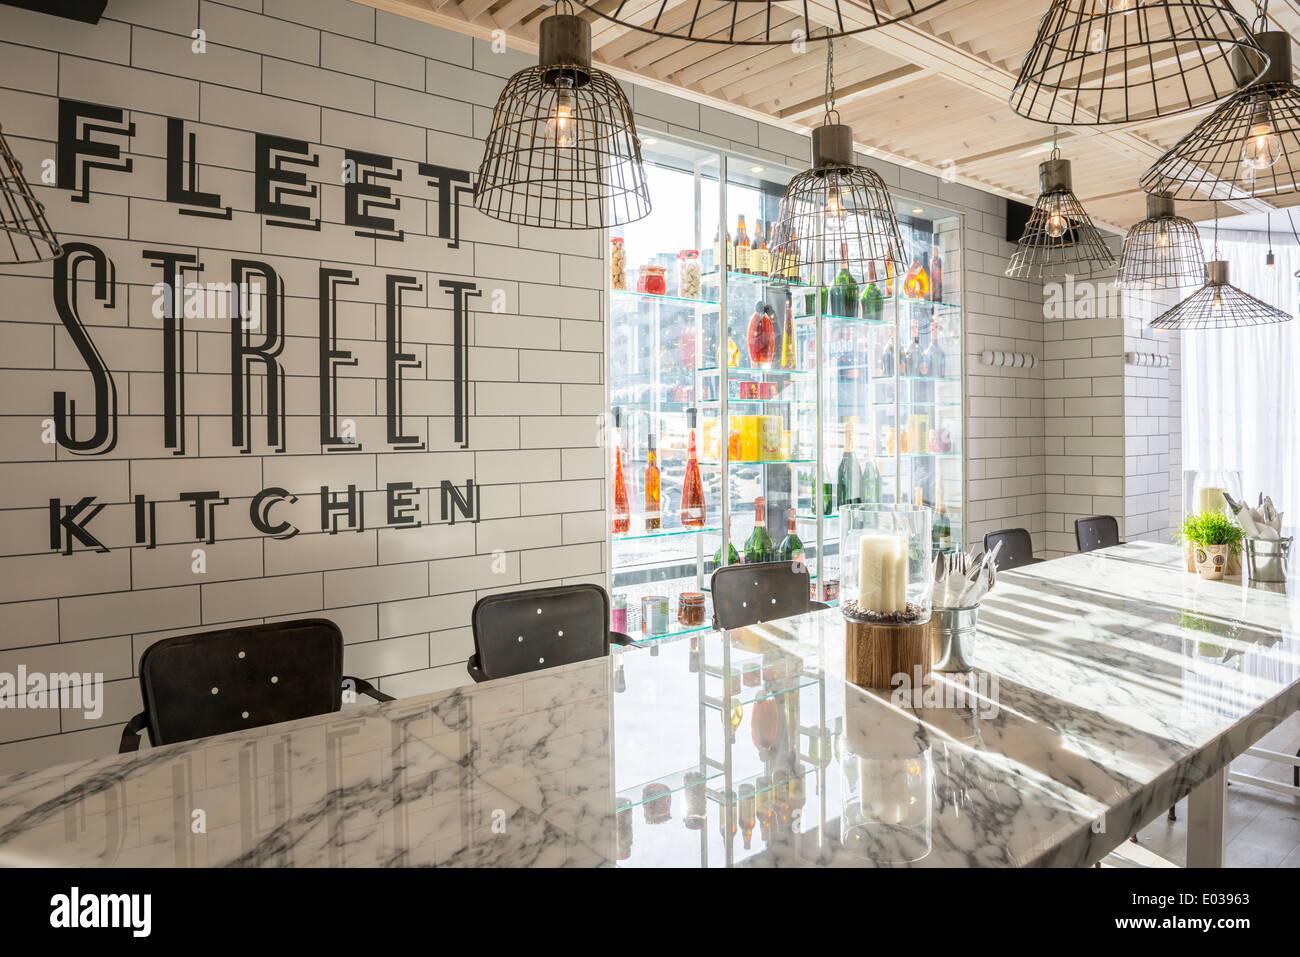 Street Kitchen Stock Photos & Street Kitchen Stock Images - Alamy